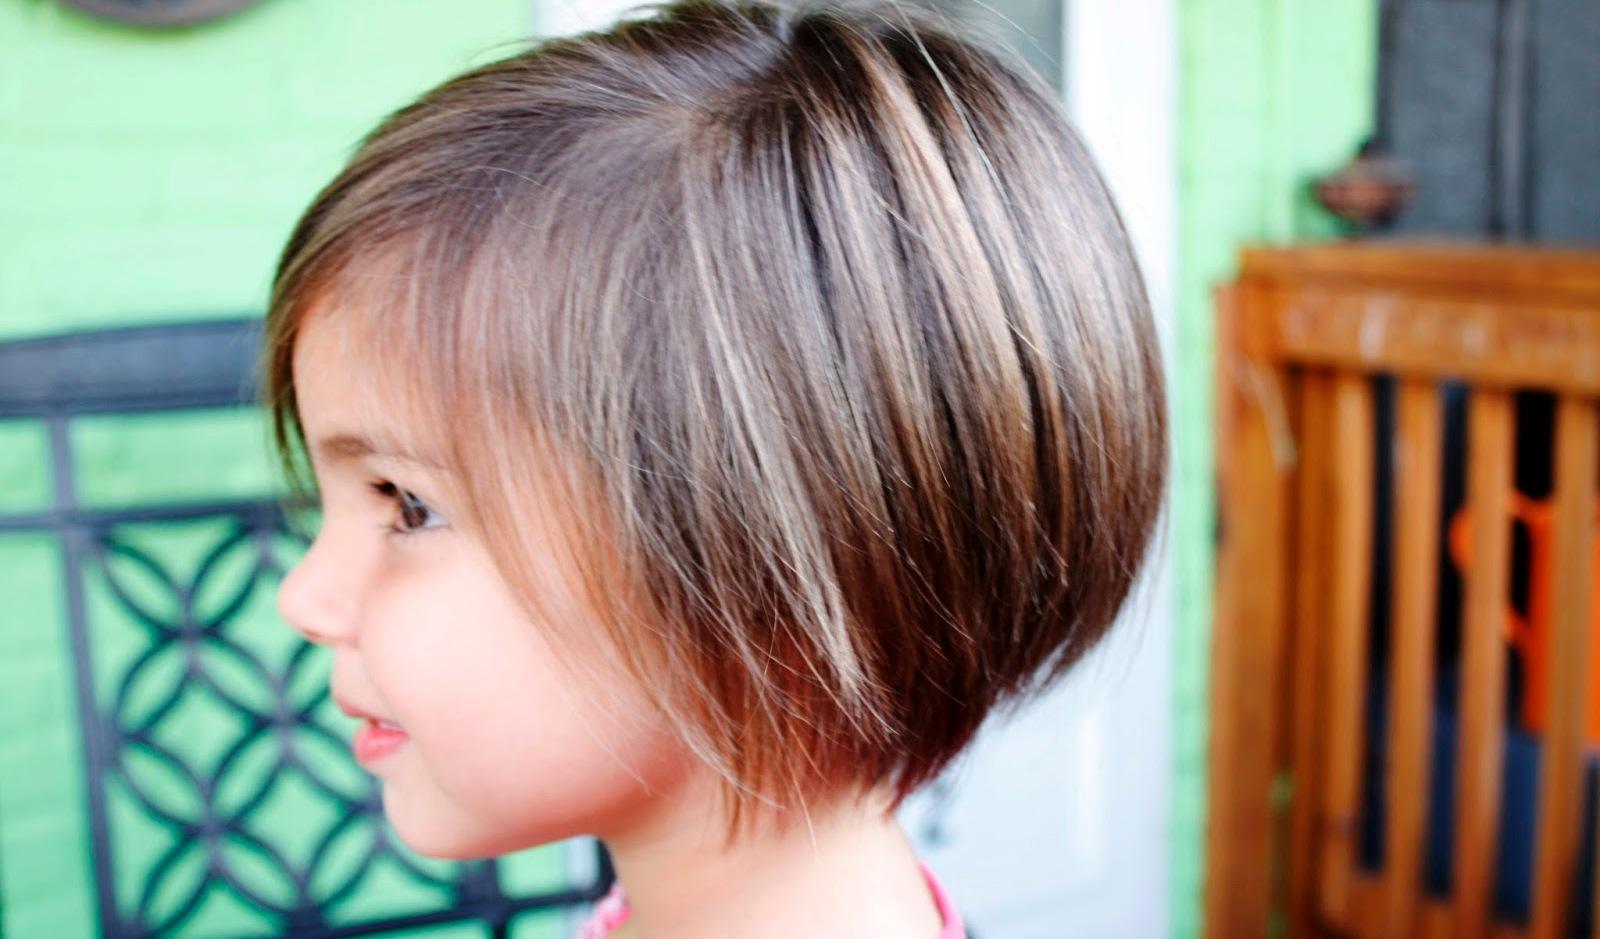 Potongan Rambut Untuk Kanak Kanak Perempuan 10 13 Tahun 37 Gambar Pilih Potongan Rambut Bergaya Dan Cantik Untuk Rambut Pendek Sederhana Dan Panjang Untuk Kanak Kanak Dan Remaja 2020